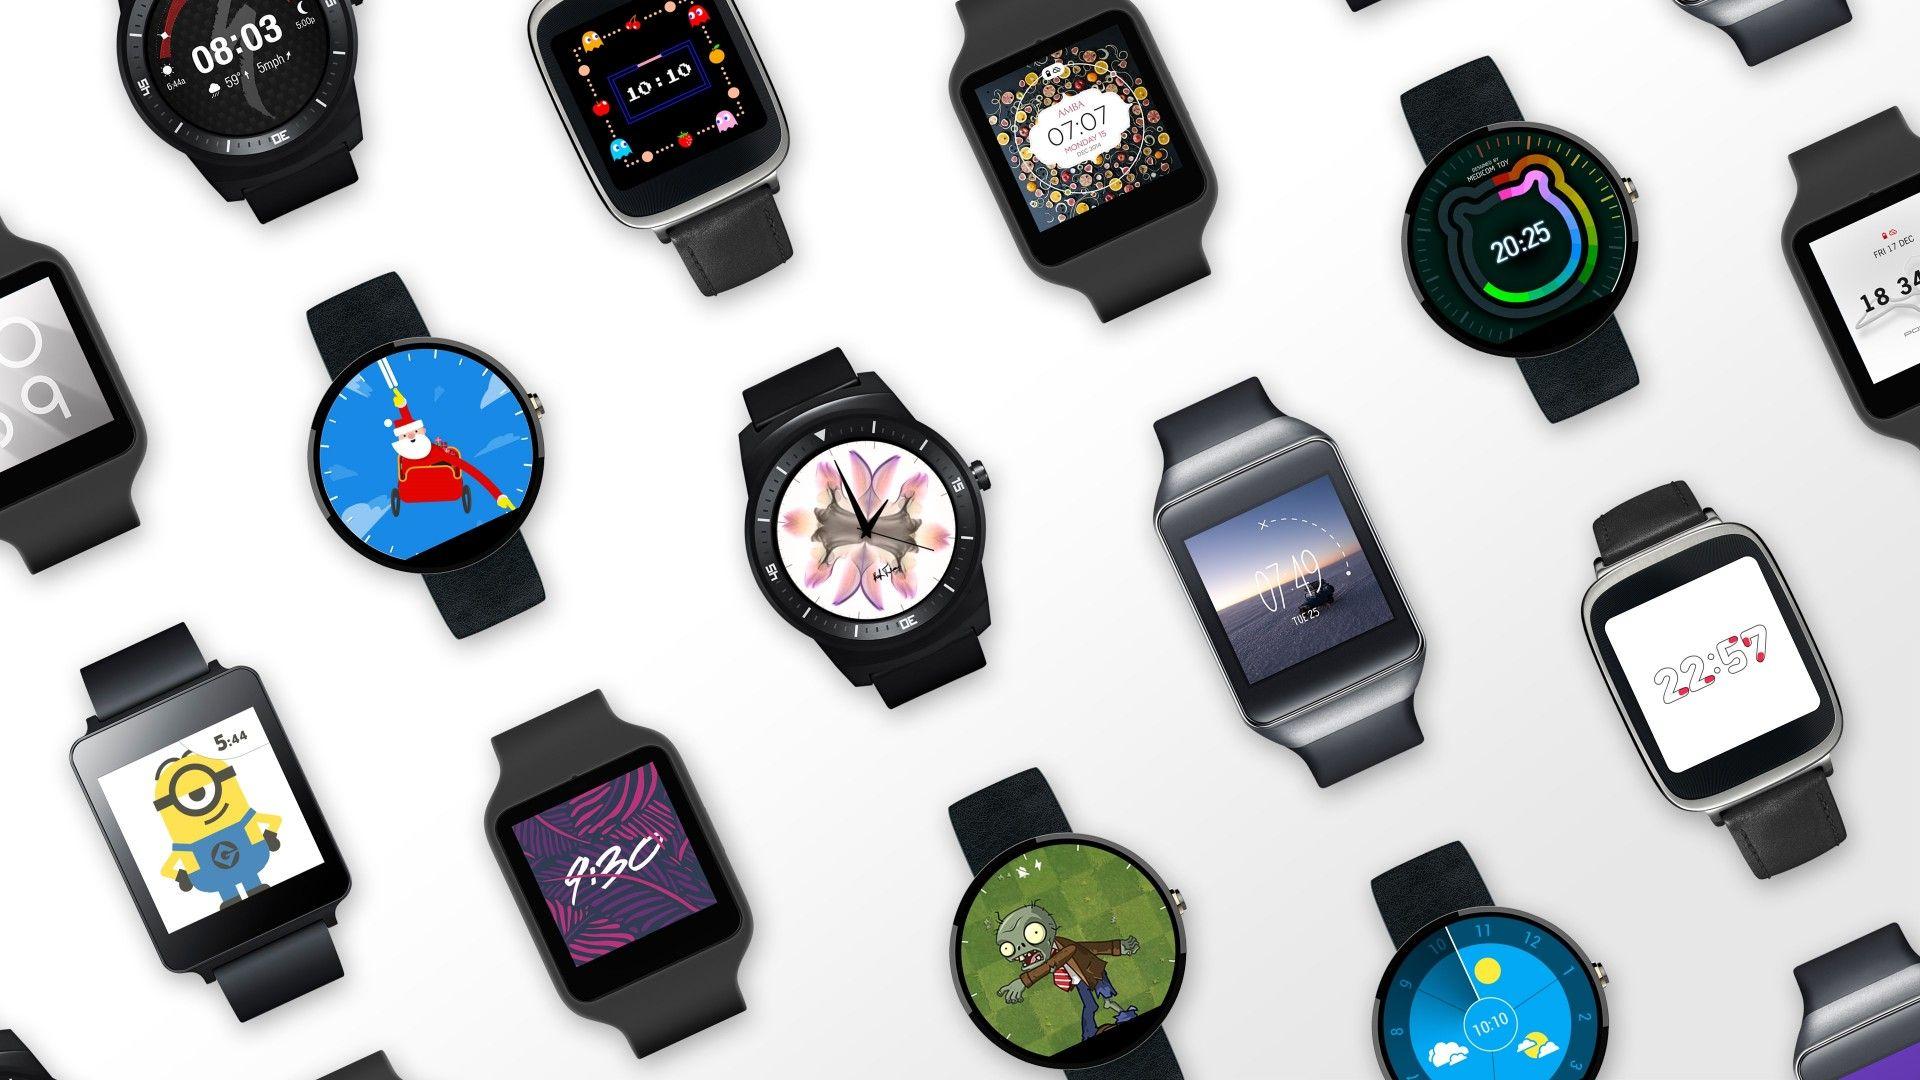 Smartwatch wallpaper 1080p